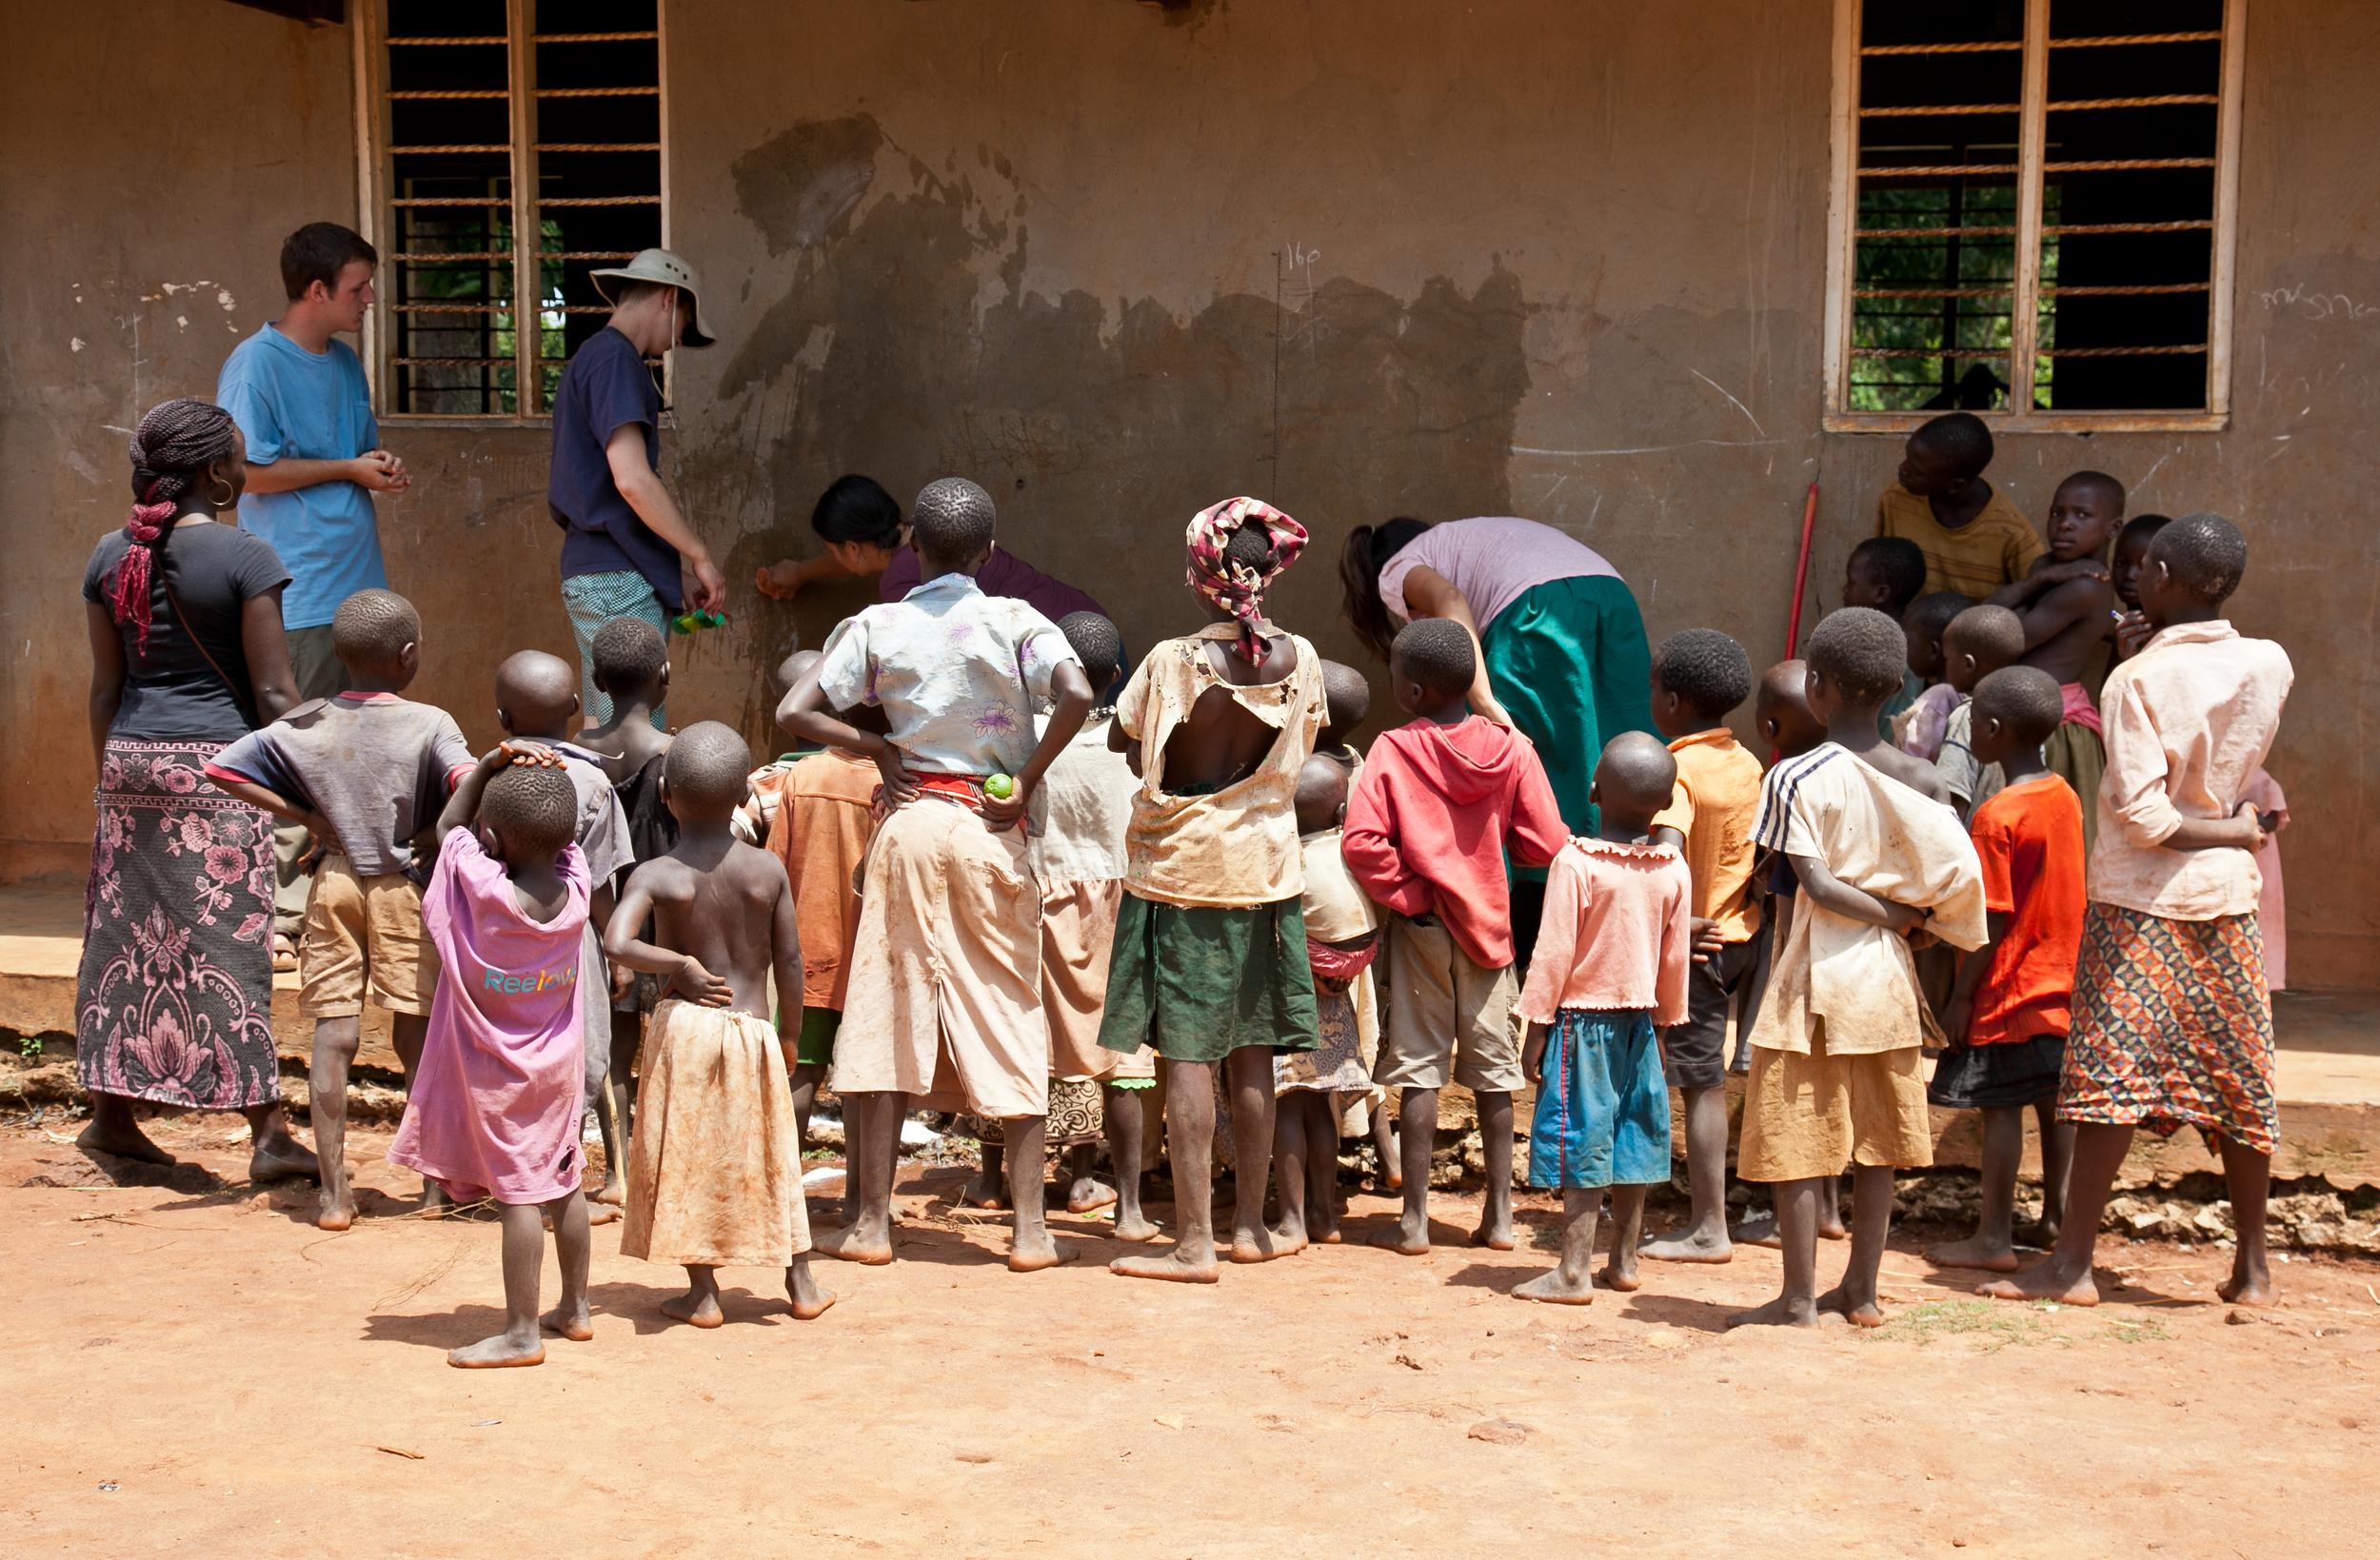 trisa-taro-school-painting-village-uganda.jpg